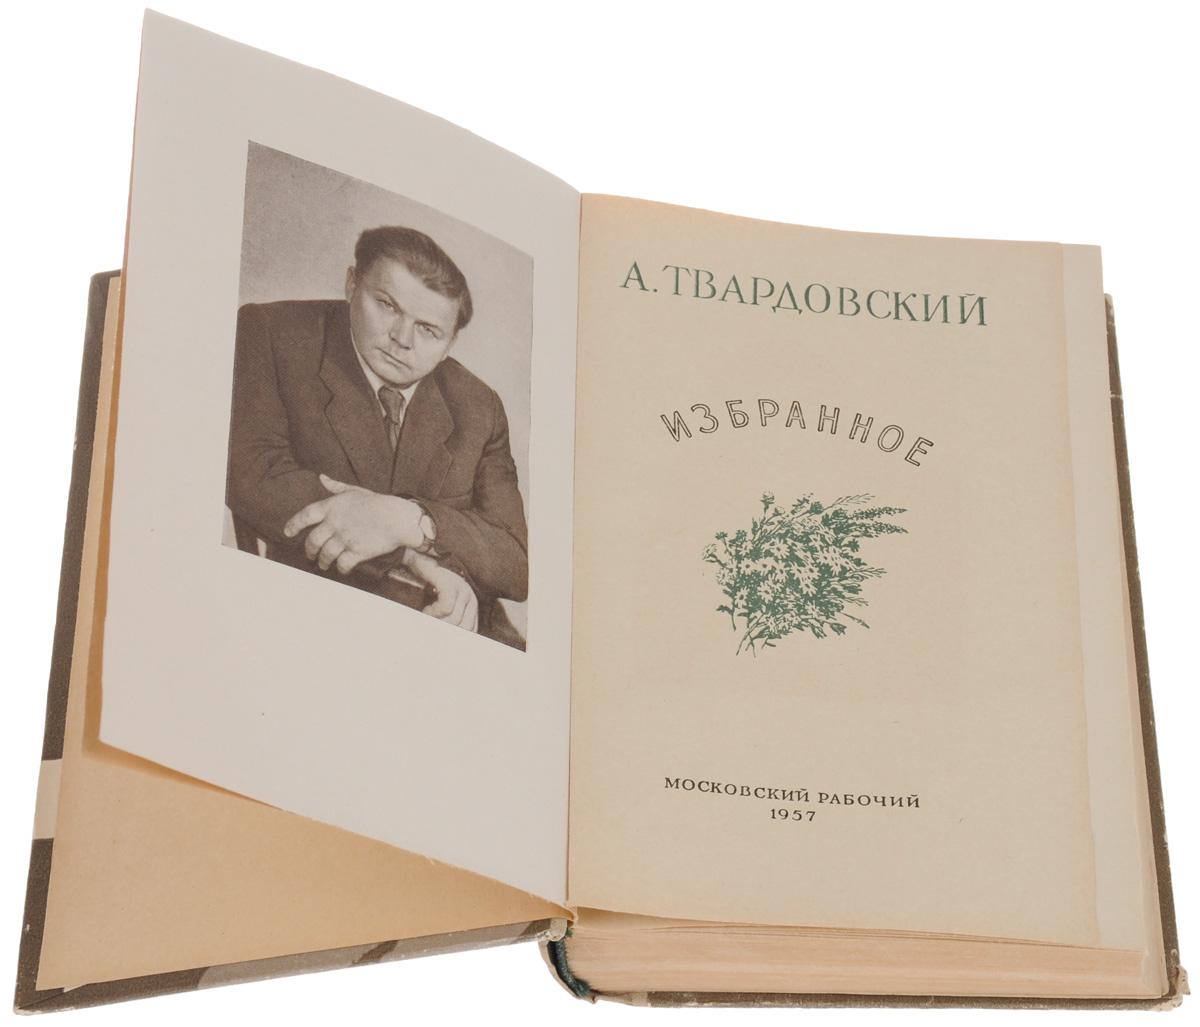 книги твардовского картинки сборная россии